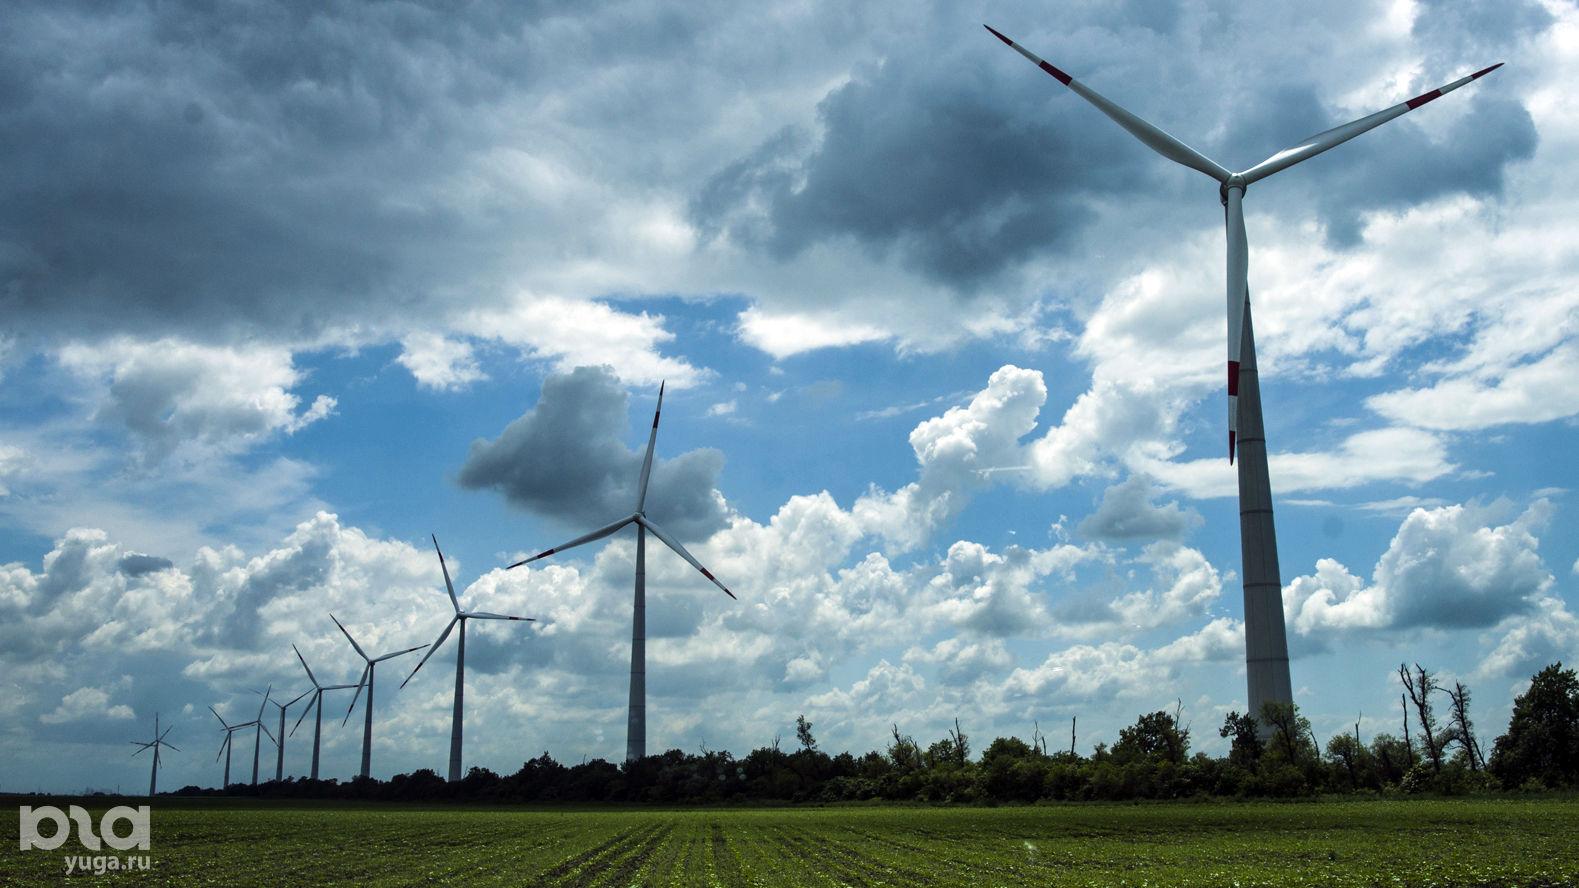 Адыгейская ветряная электростанция ©Фото Евгения Мельченко